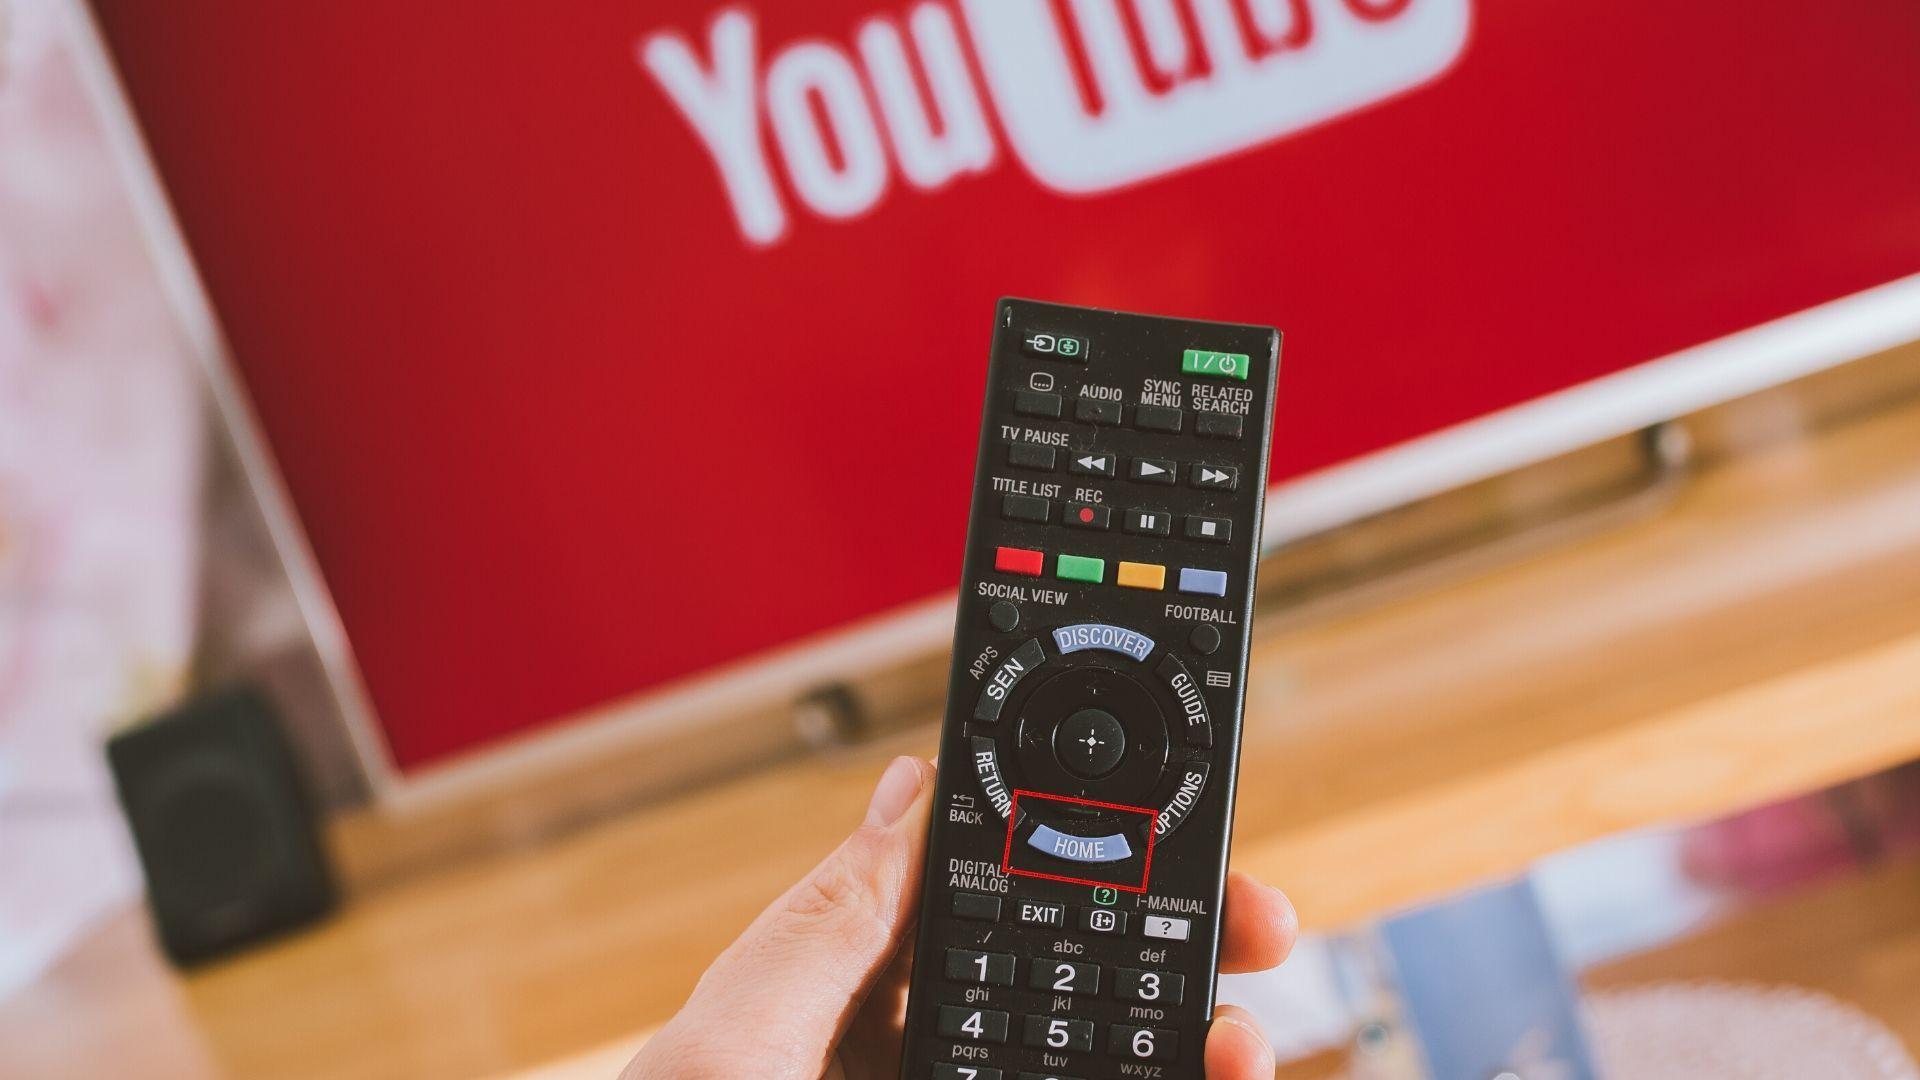 Controle remoto da smart TV Sony já vem com botões de rápido acesso para a Home, Netflix e Google Play Store. | Reprodução: Shutterstock